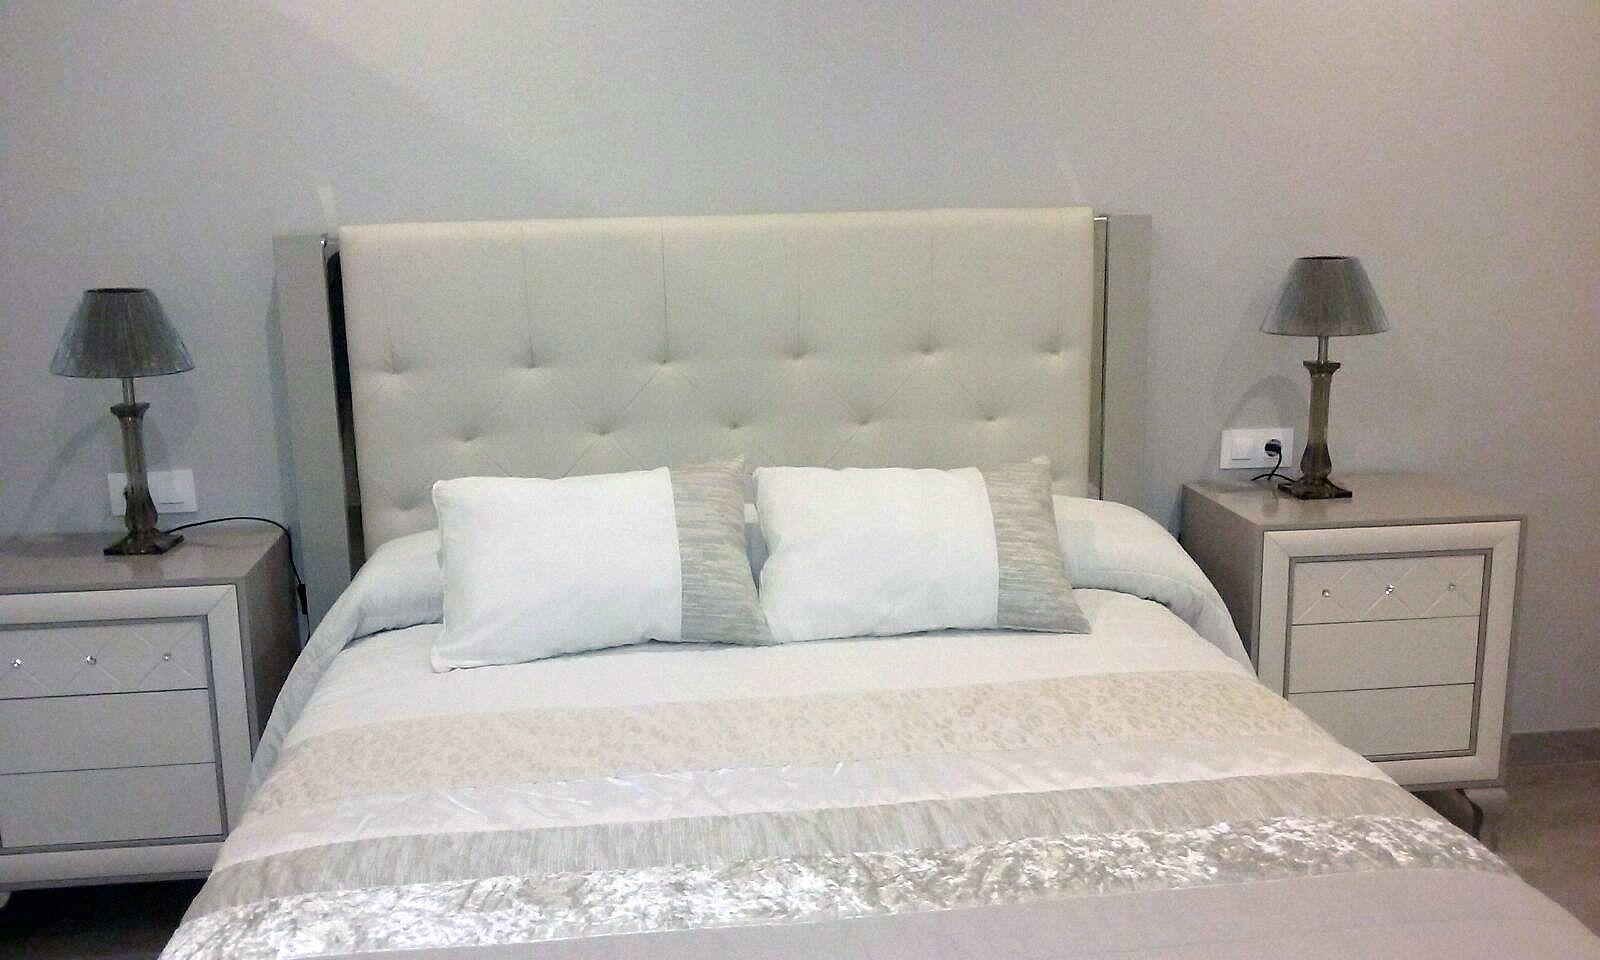 Proyecto de hogar 26763 dormitorio y sal n comedor - Muebles casanova catalogo ...